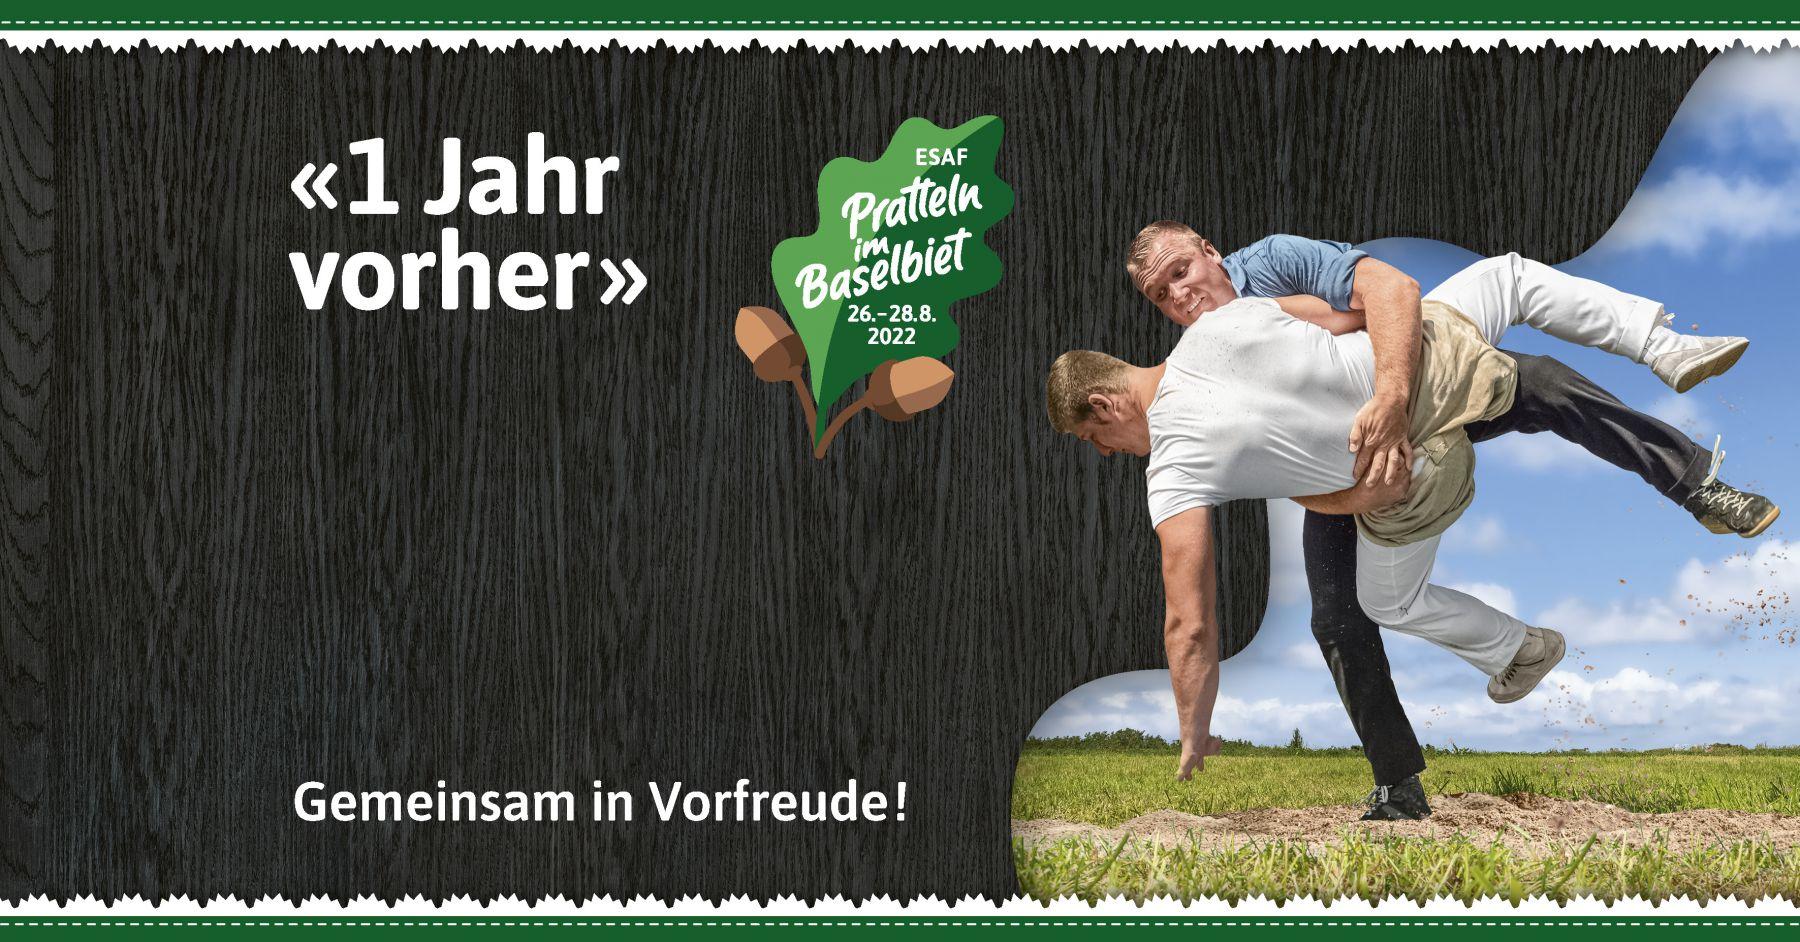 «1 Jahr vorher» – gemeinsam in Vorfreude, Eidgenössisches Schwing- und Älplerfest Pratteln im Baselbiet | ESAF 2022